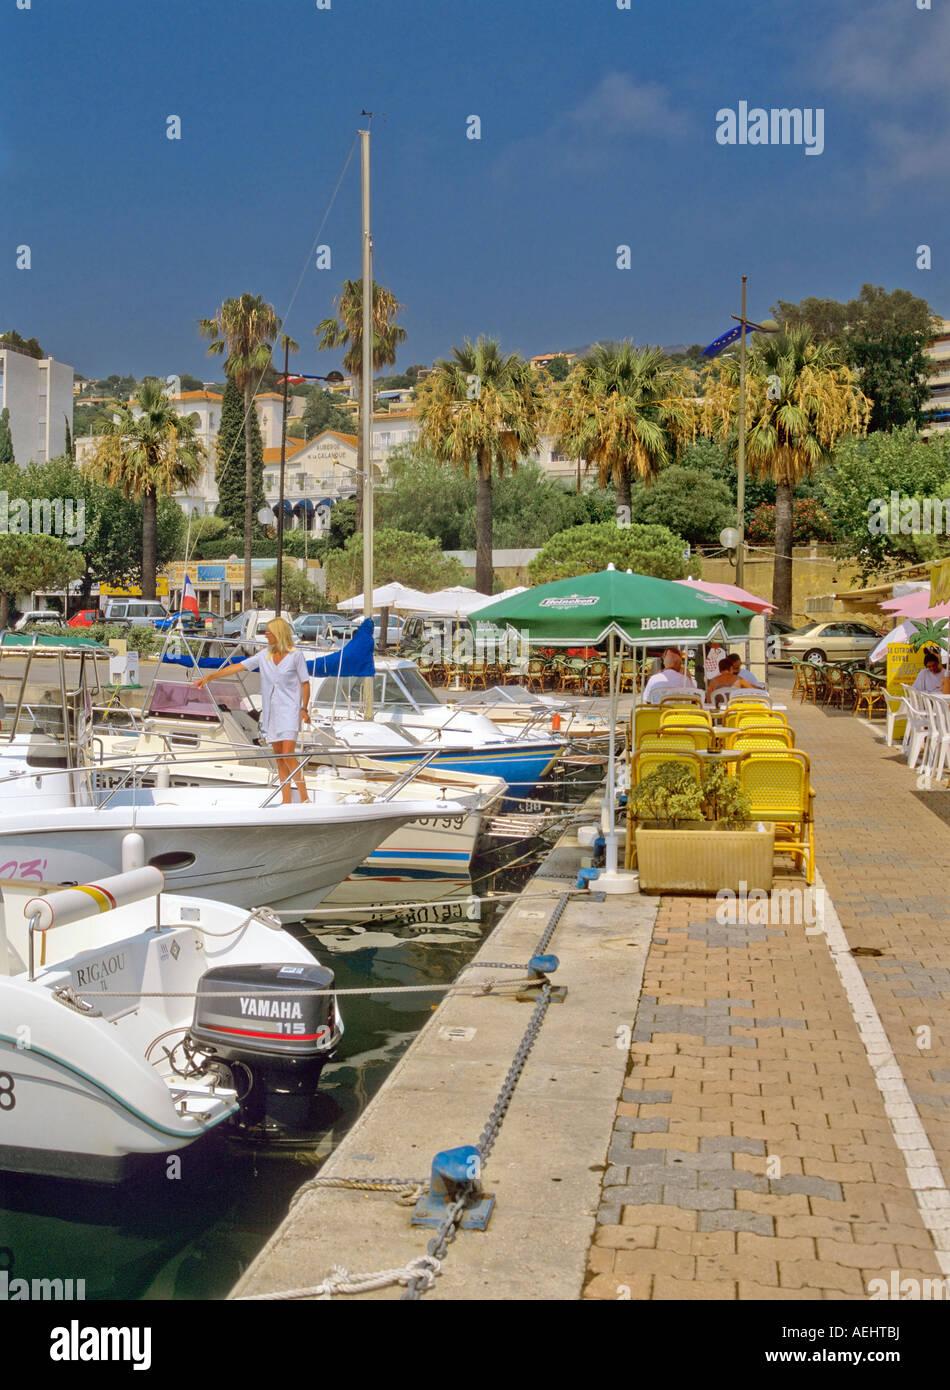 Le lavandou holiday resort near toulon var cote d azur provence stock photo royalty free image - Restaurant le lavandou port ...